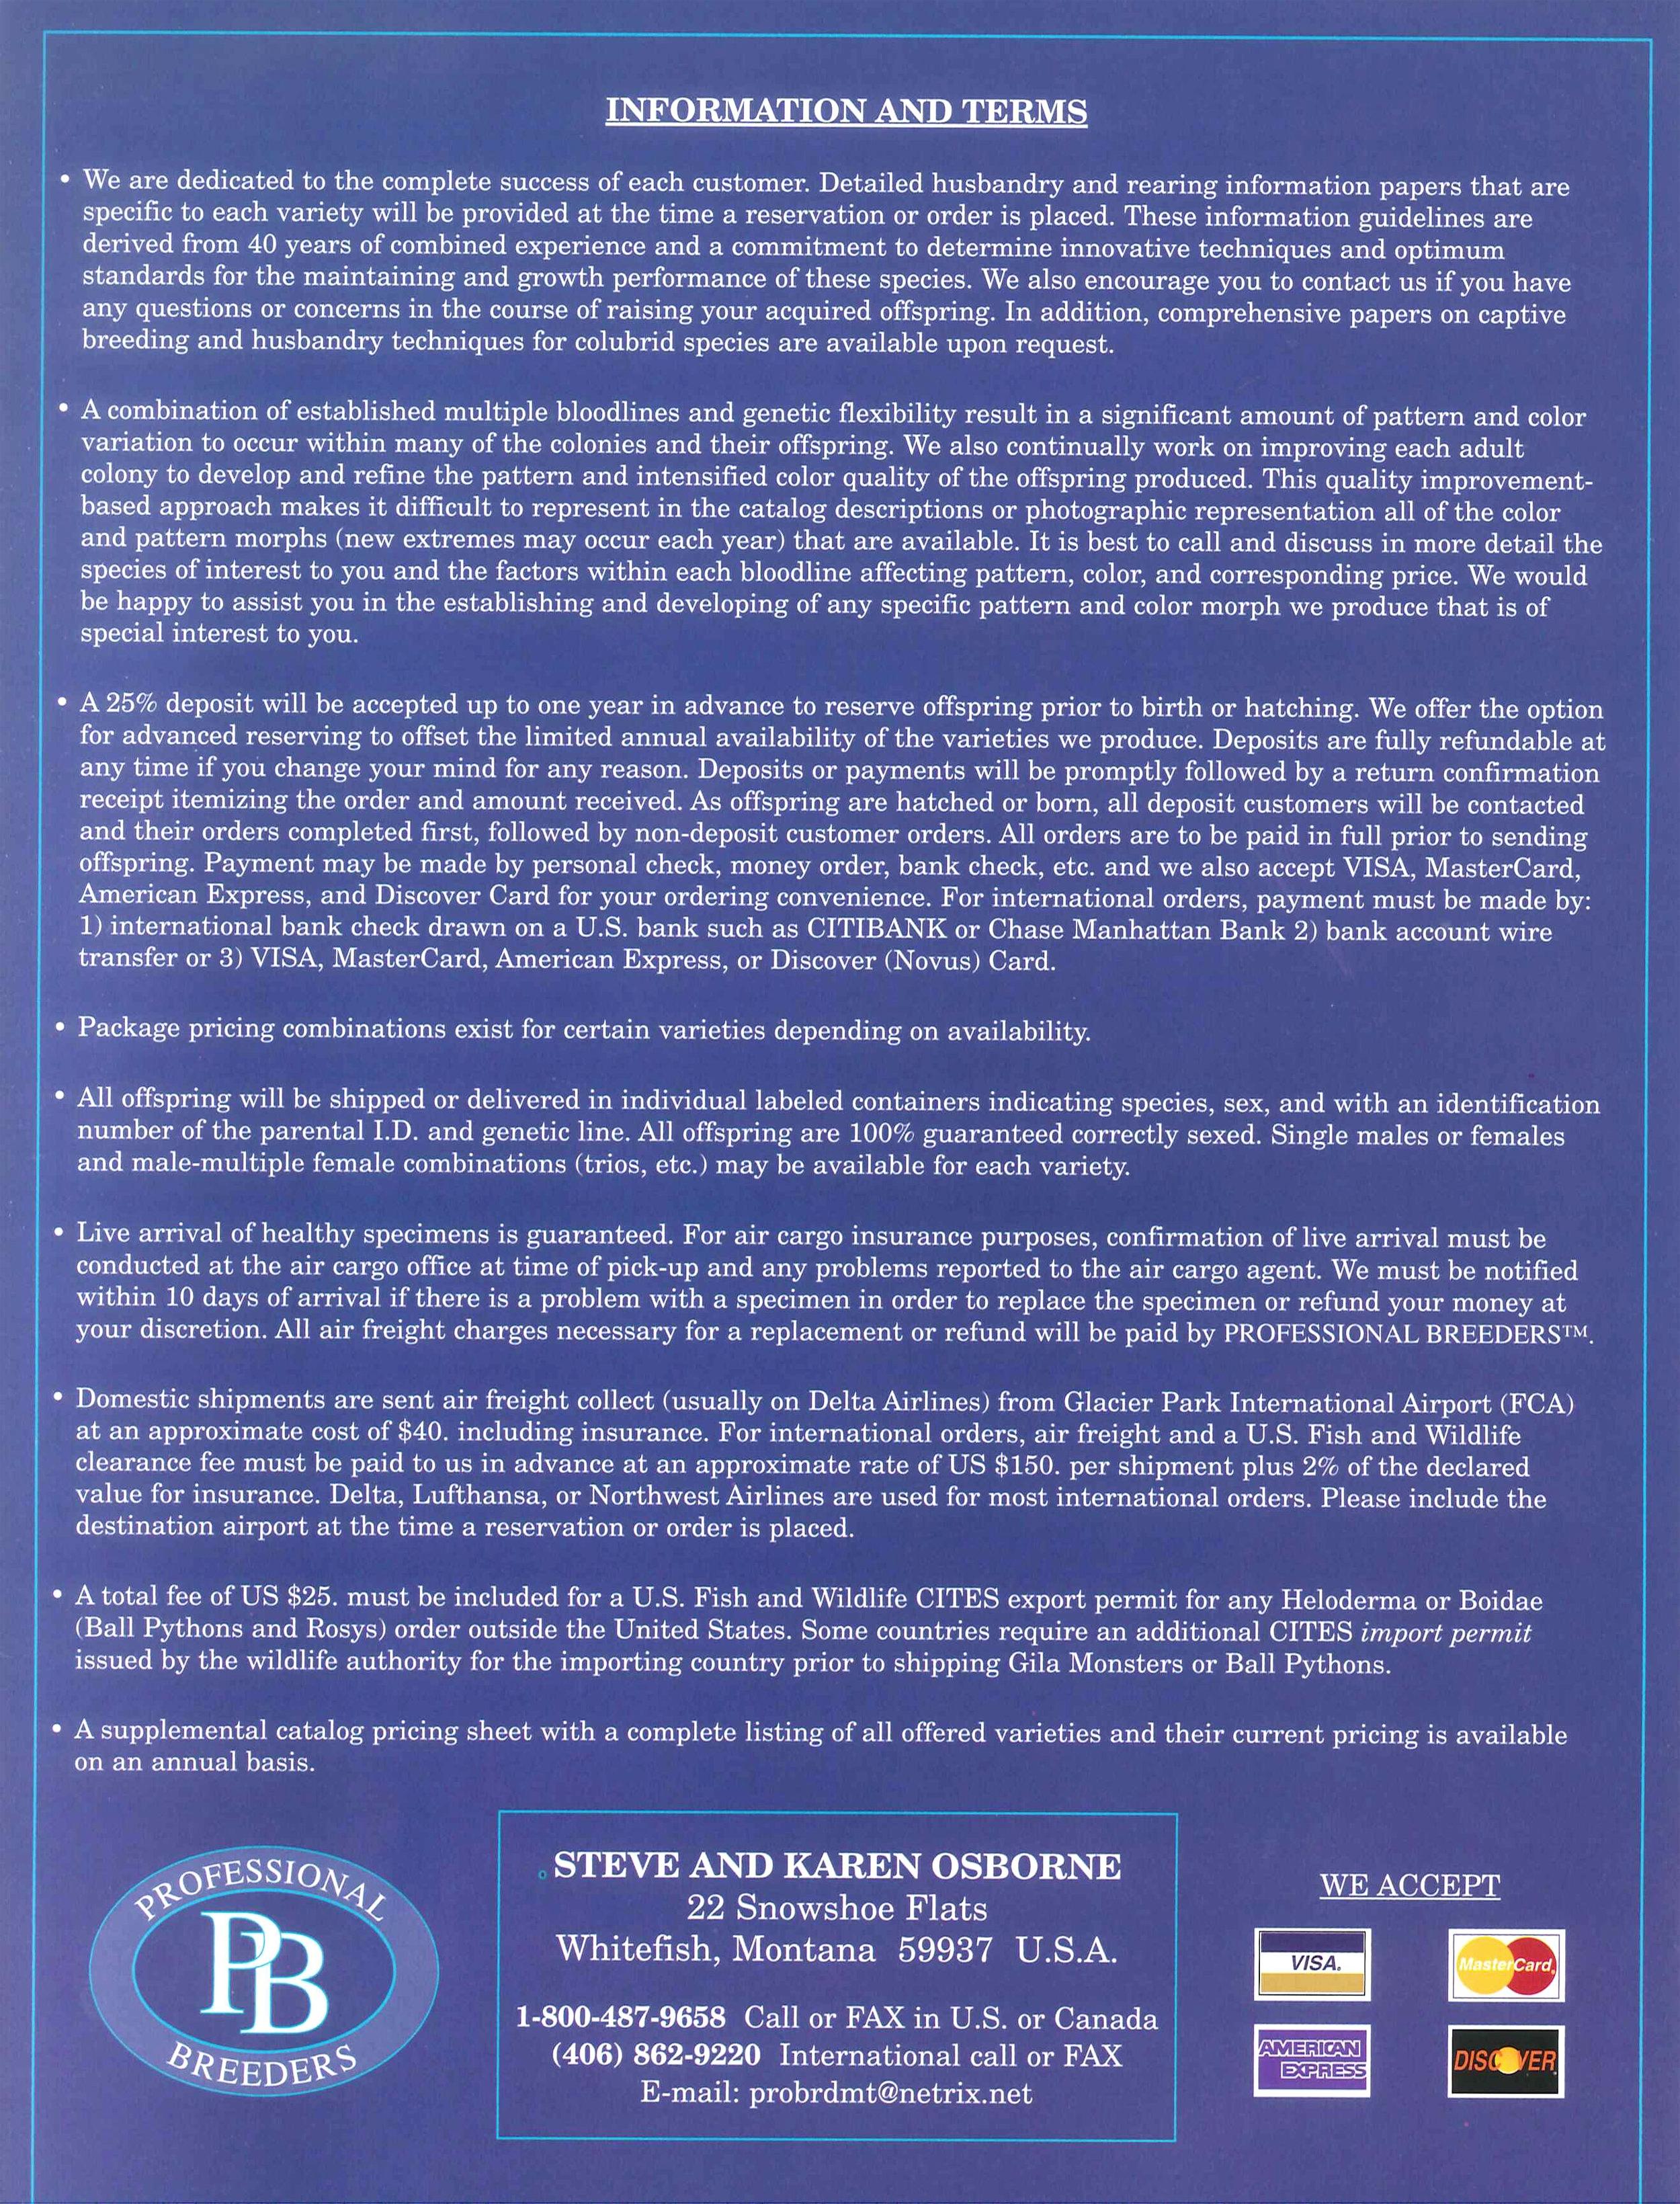 Professional Breeders Brochure_15.jpg